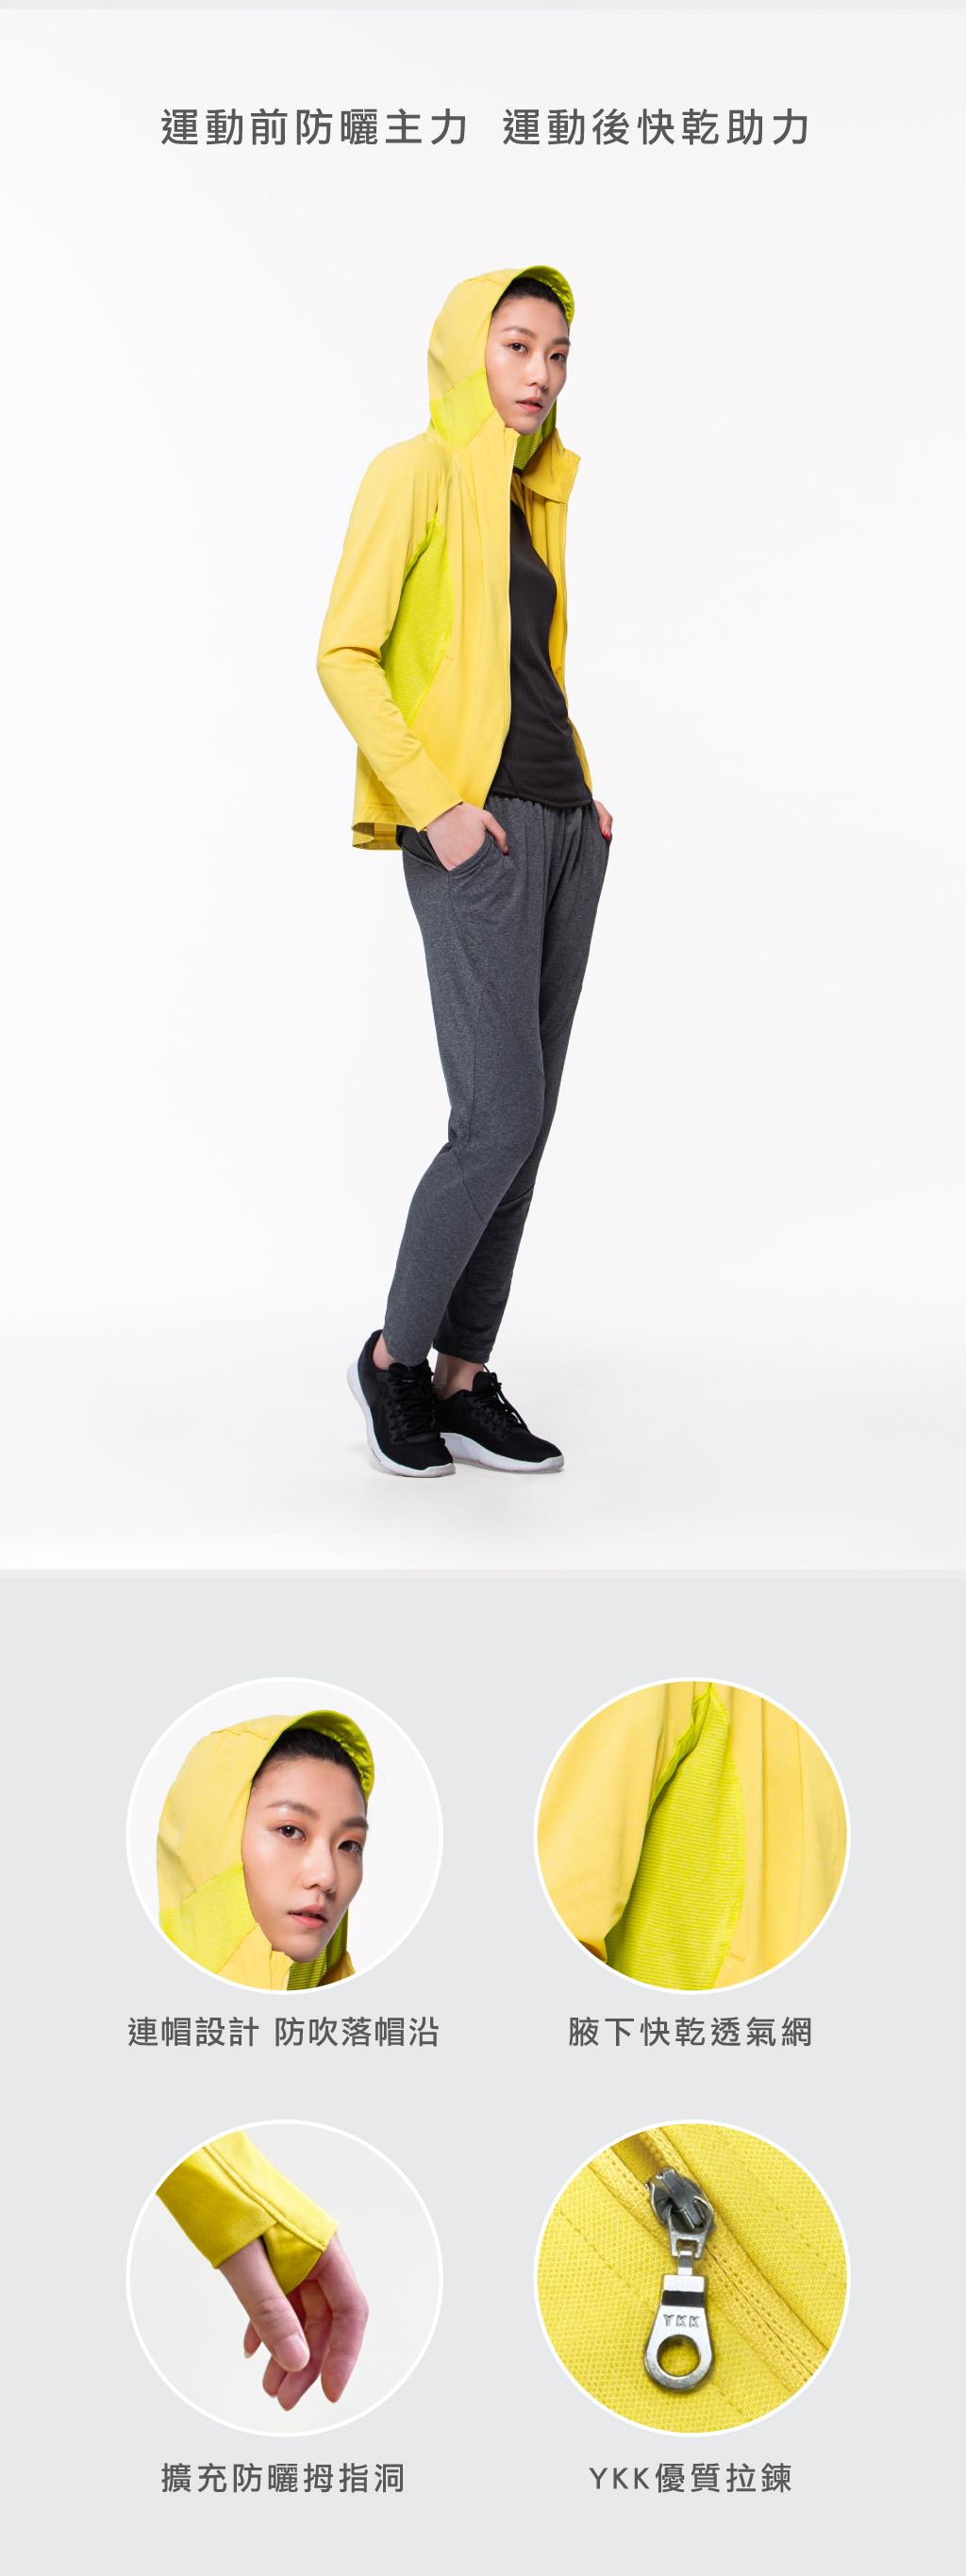 防曬網眼女收納式連帽外套-YA系列-享動時尚-宜而爽 YOURSUN|都會機能舒適生活服飾